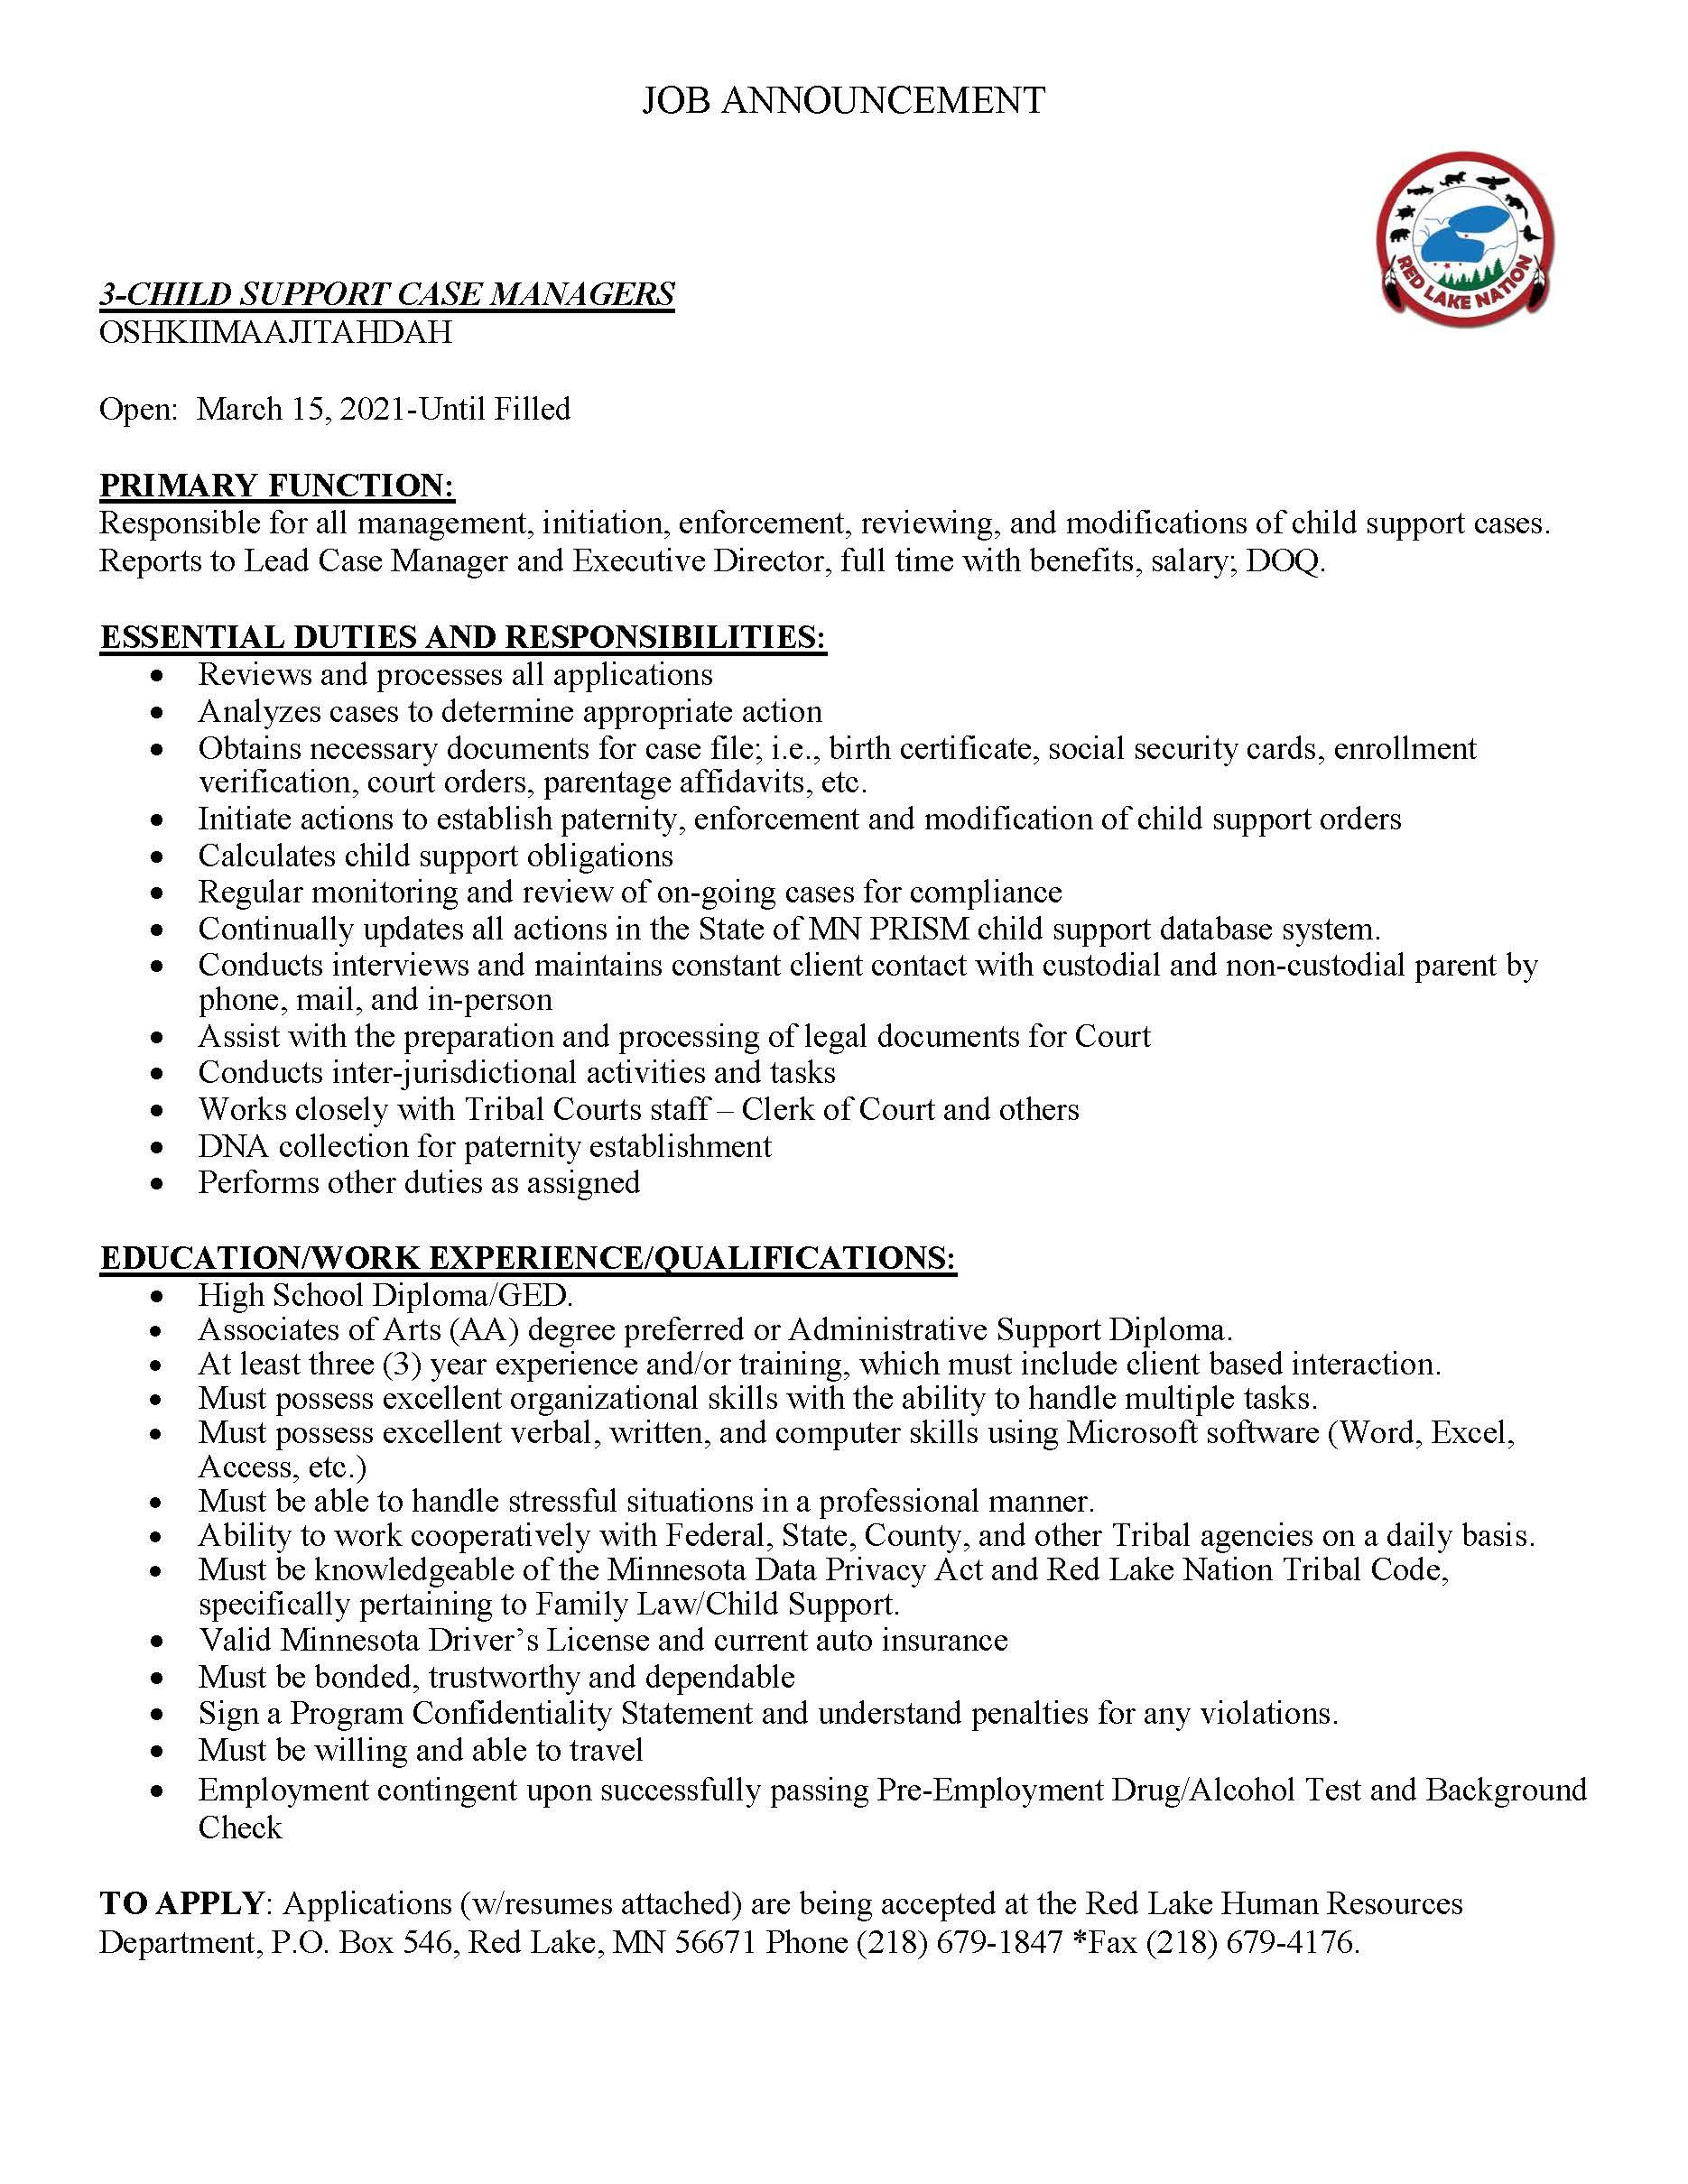 3 Child Support Case Managers-Oshkiimaajitahdah-3-12-2021